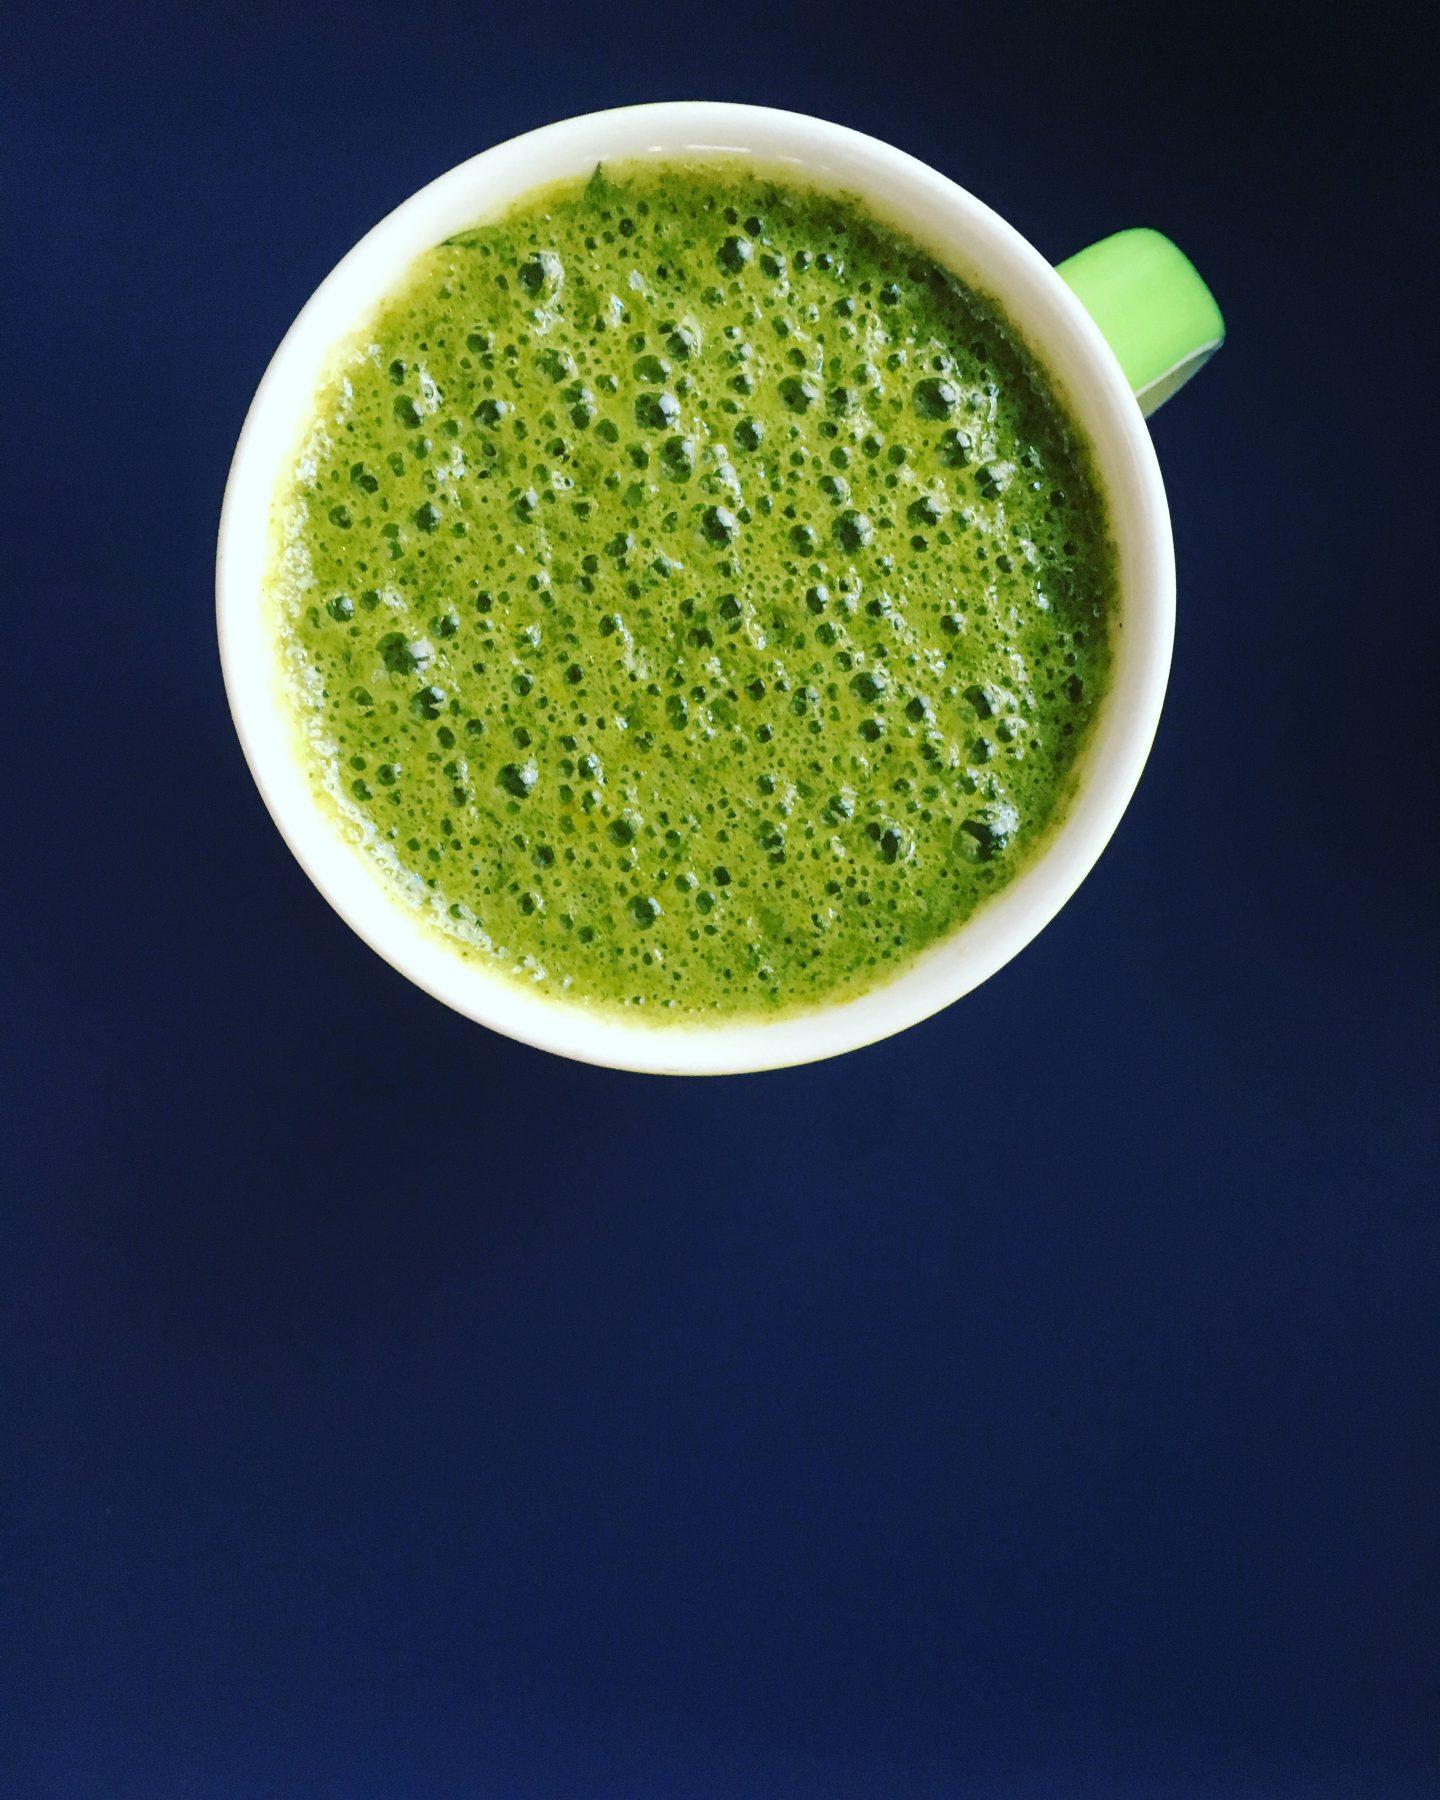 Herbstzauber – Green Smoothie mit Apfel, Birne und Petersilie